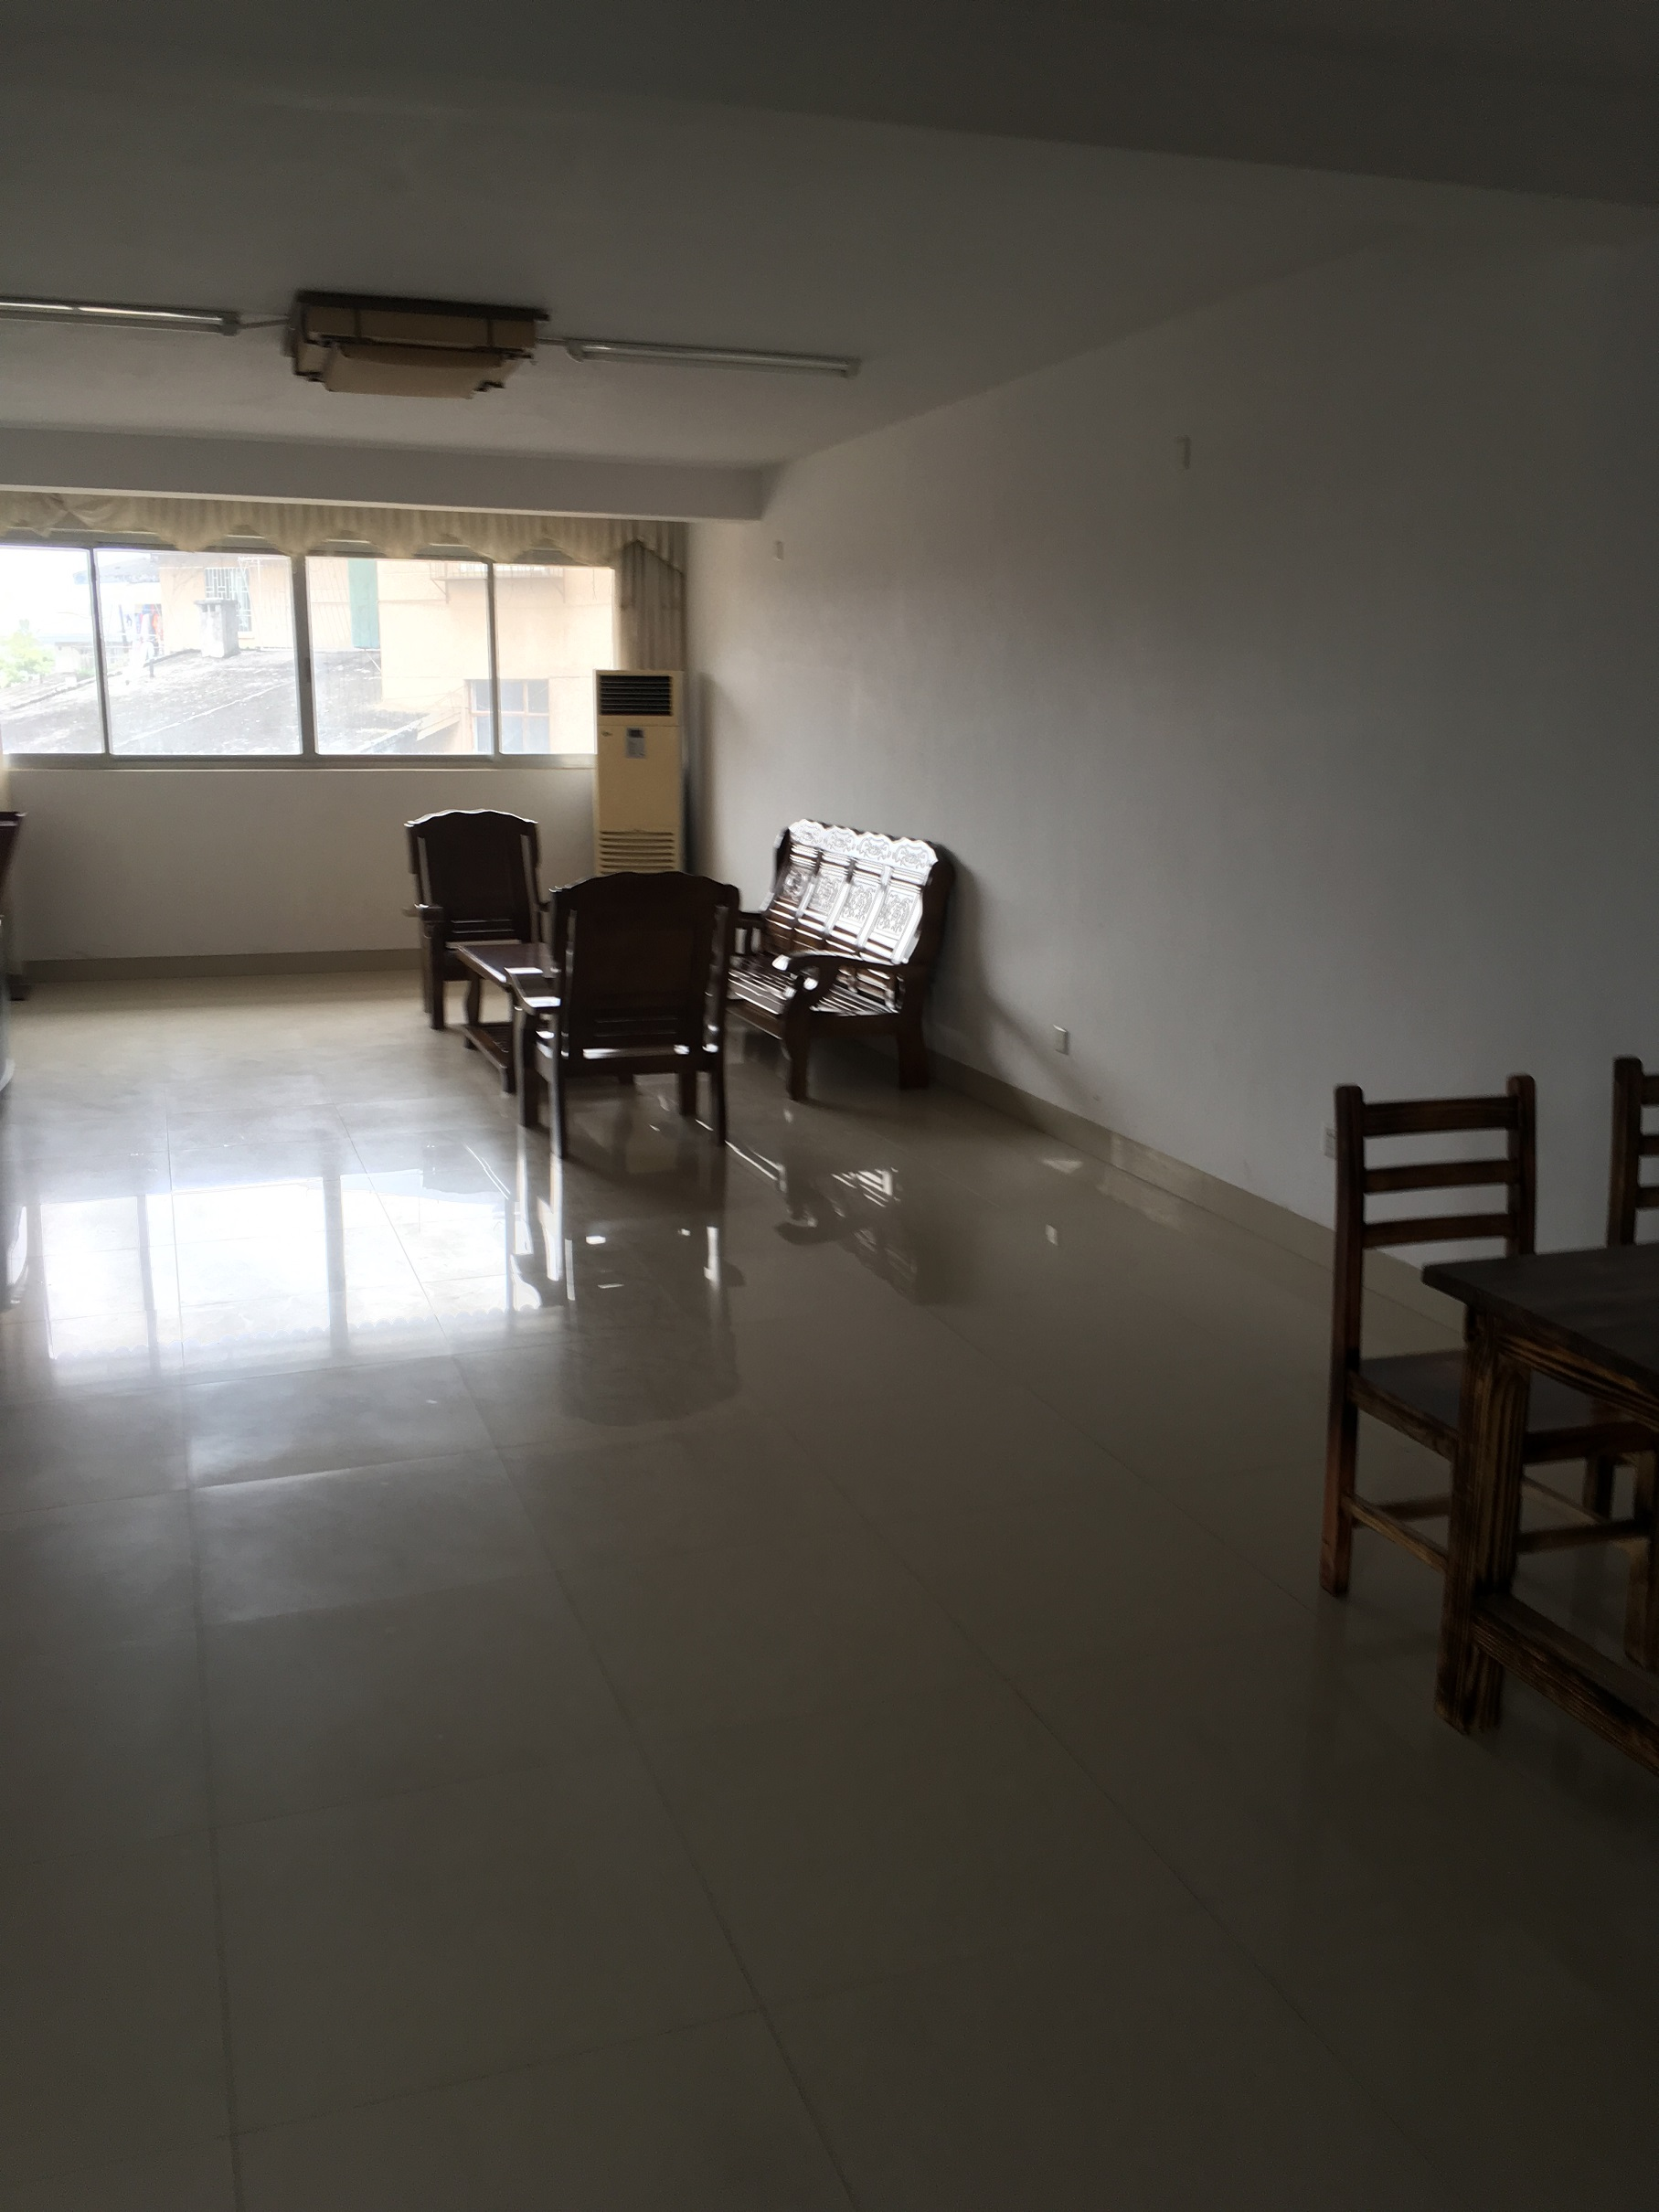 明珠花园 步梯 5楼-3房。瓷砖、简单装修。煤气灶,热水器;少量家具:沙发,餐桌